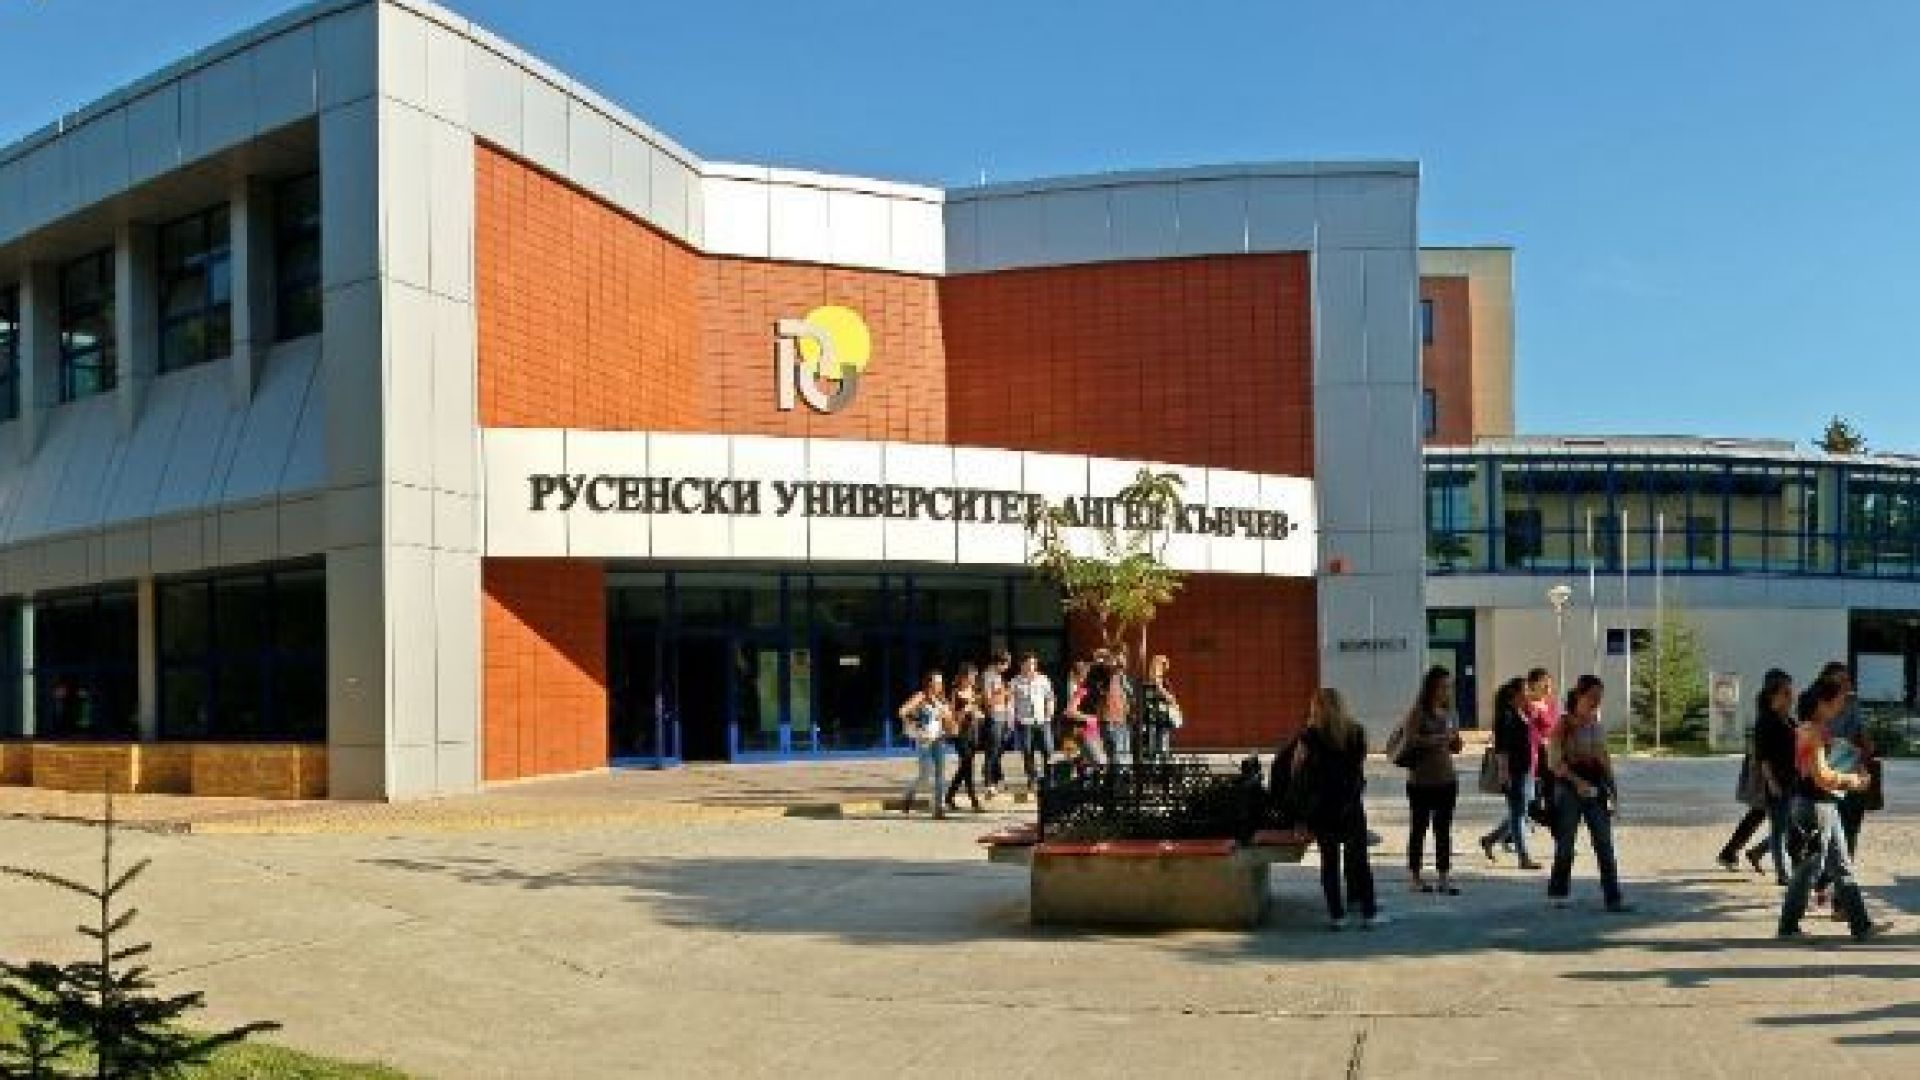 Седмица на китайското кино ще се състои в Русенския университет